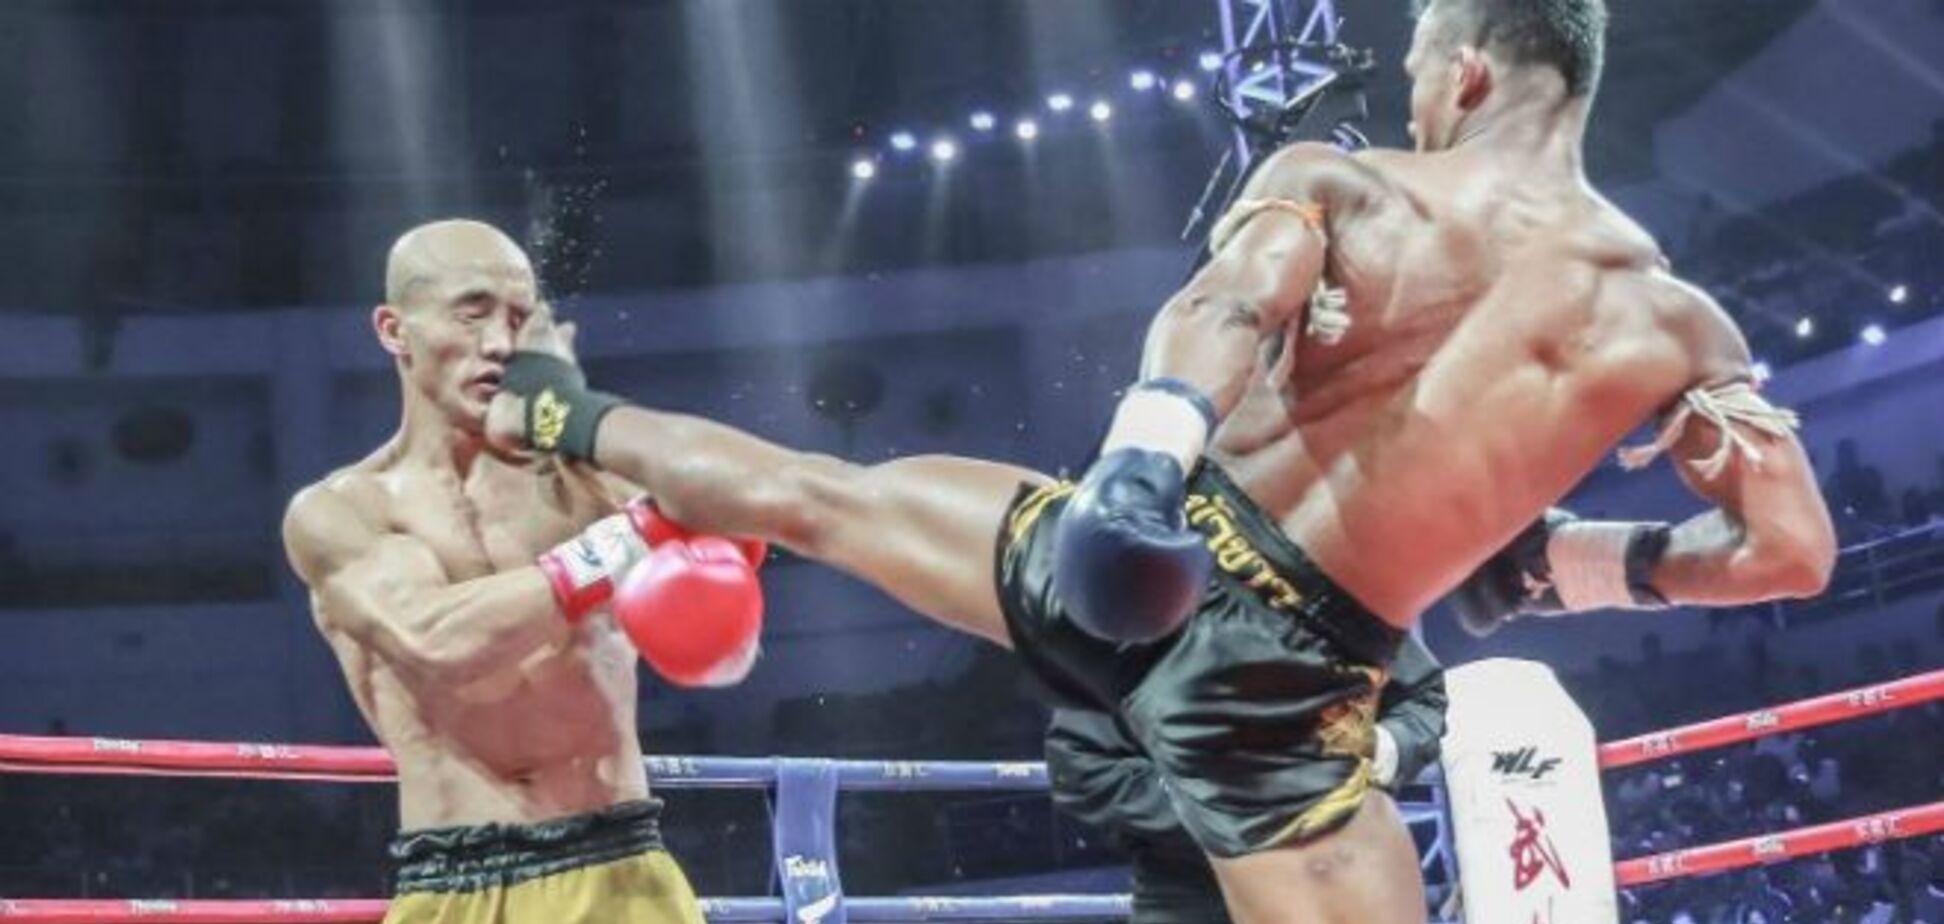 Бой боксера и шаолиньского монаха завершился неожиданным нокаутом за 8 секунд